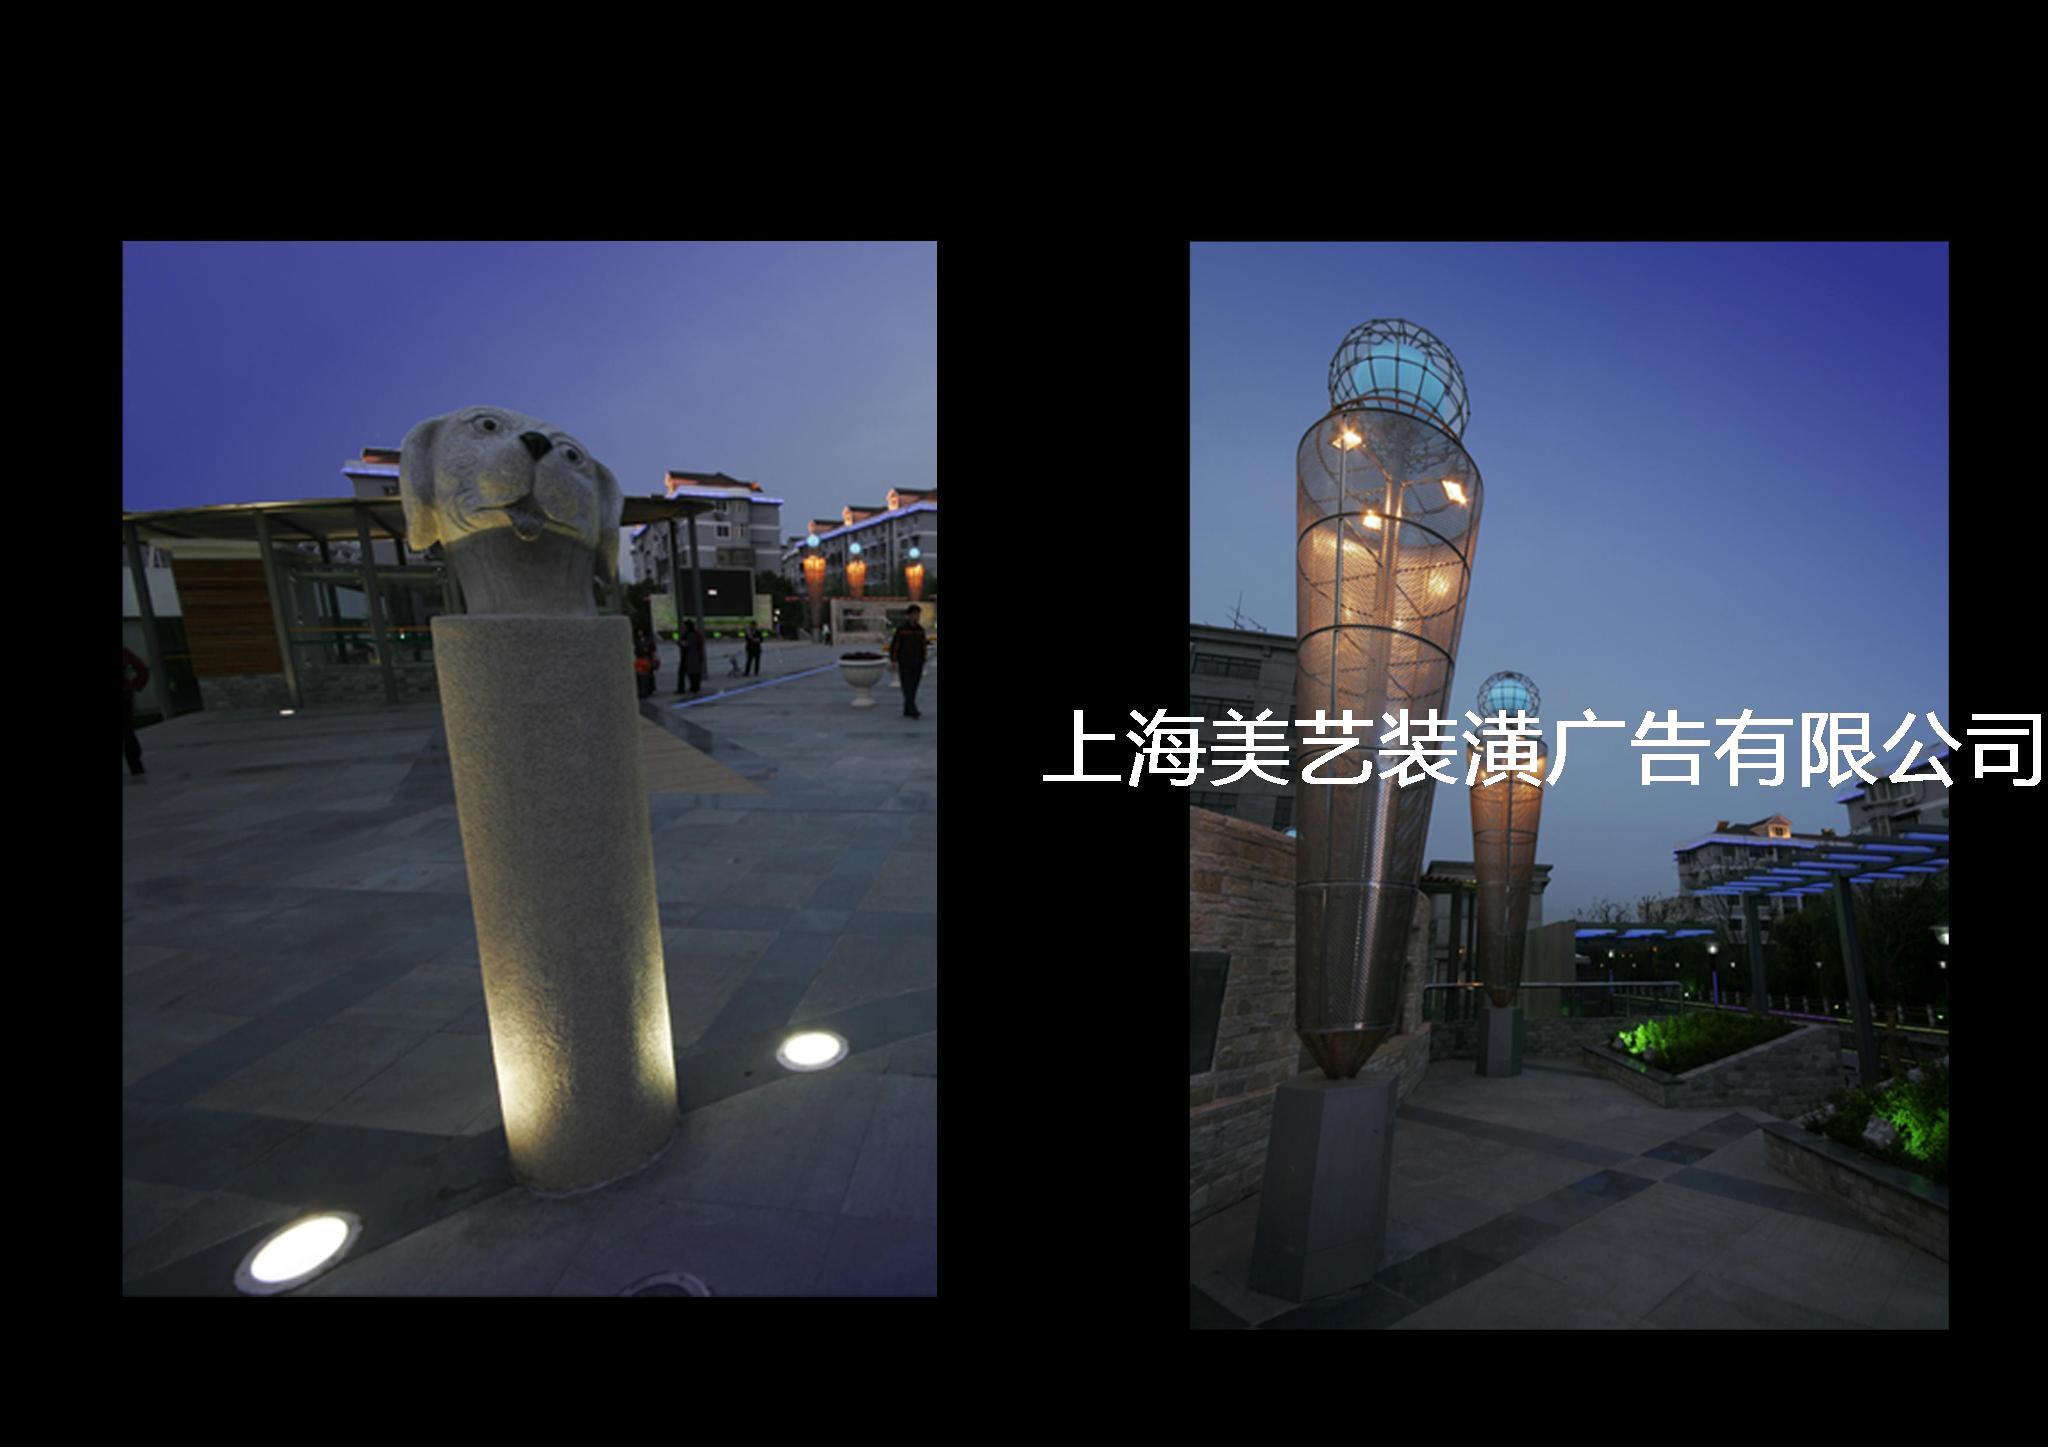 广场景观灯光设计图片